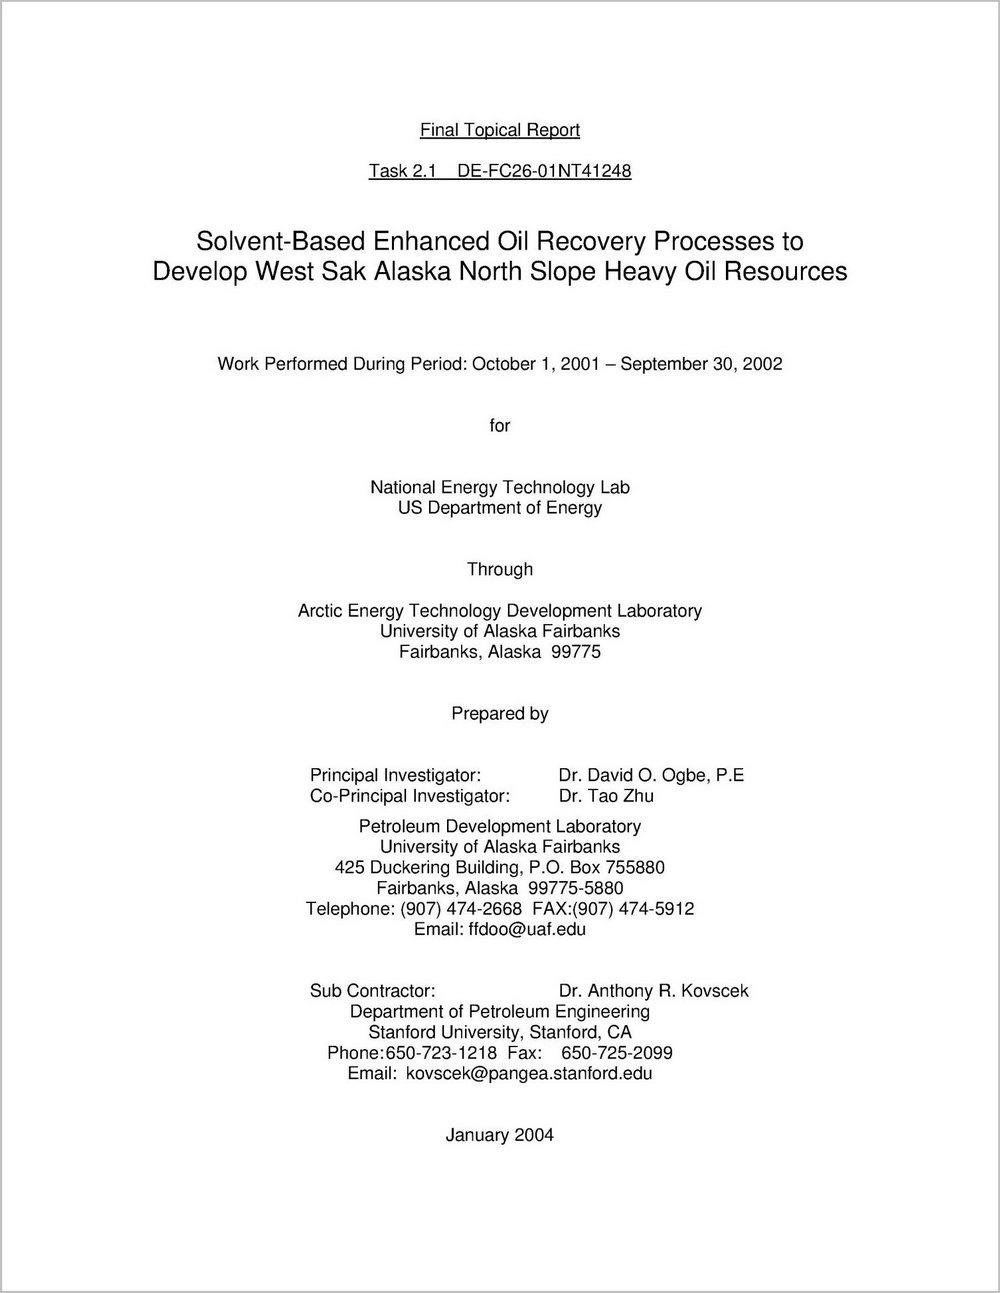 California Apostille Cover Letter Sample